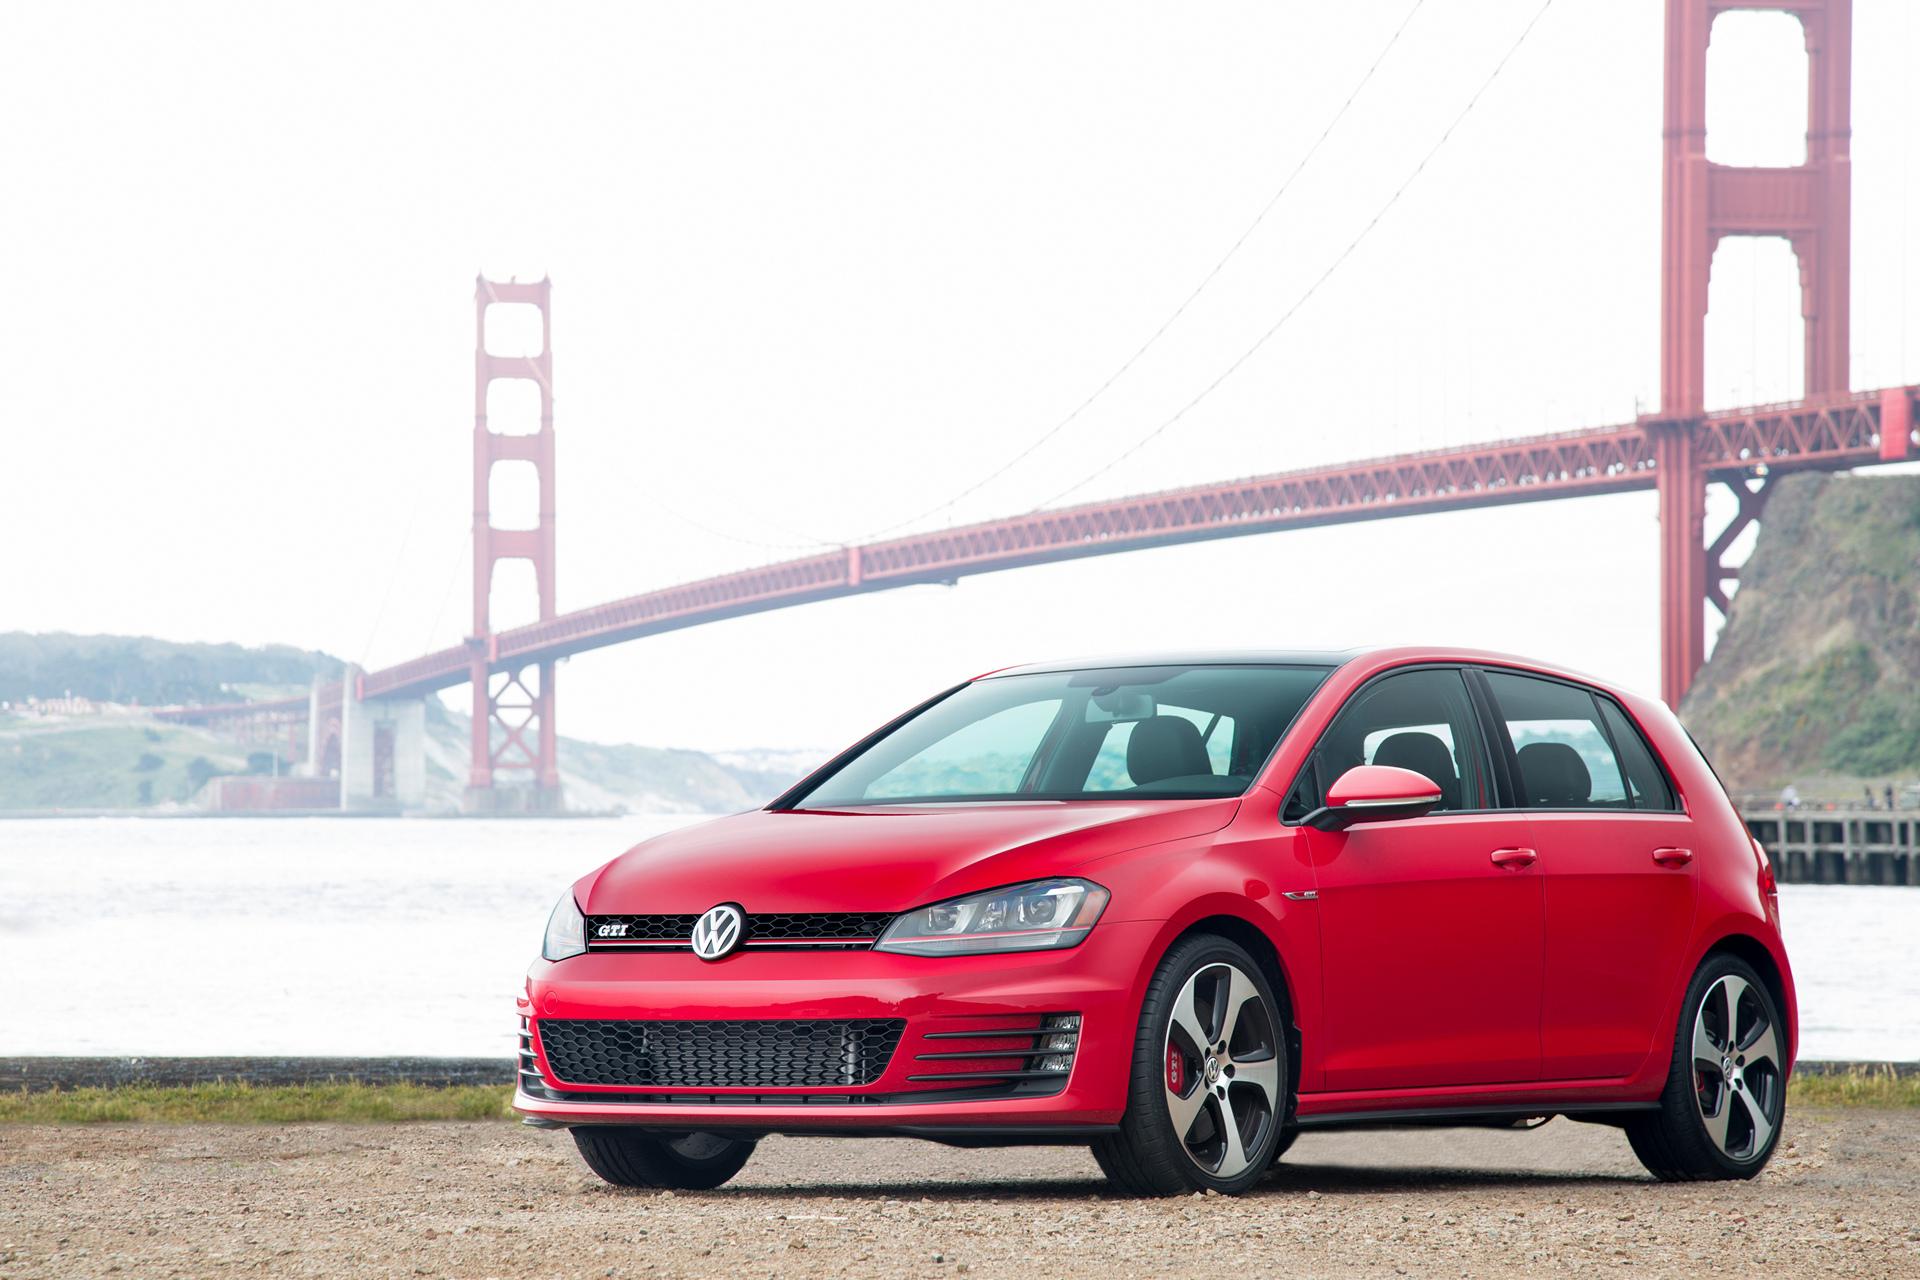 2016 Volkswagen Golf GTI © Volkswagen AG